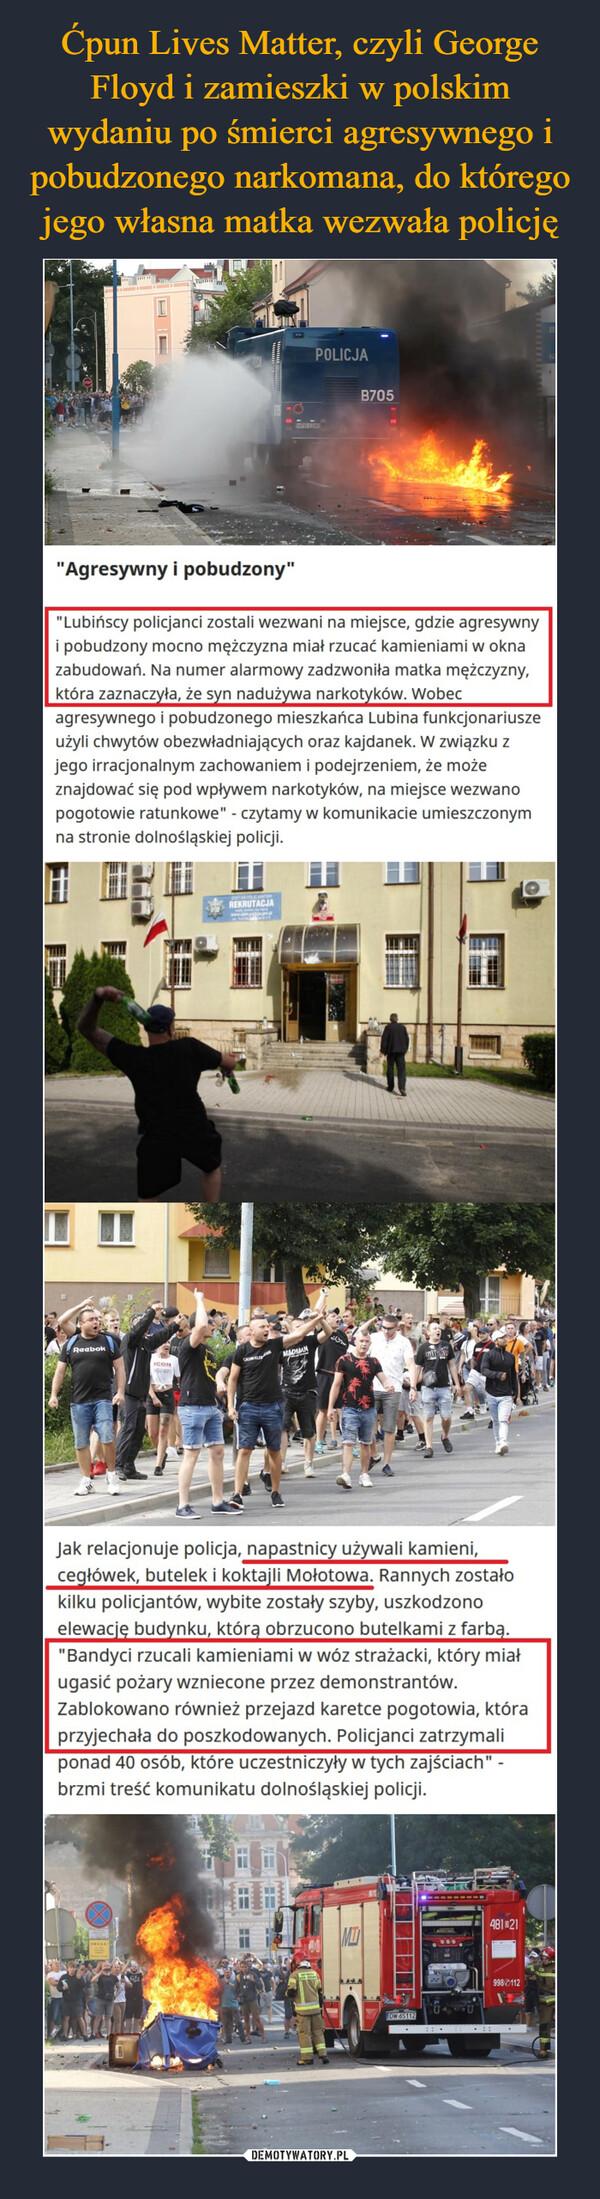 Ćpun Lives Matter, czyli George Floyd i zamieszki w polskim wydaniu po śmierci agresywnego i pobudzonego narkomana, do którego jego własna matka wezwała policję